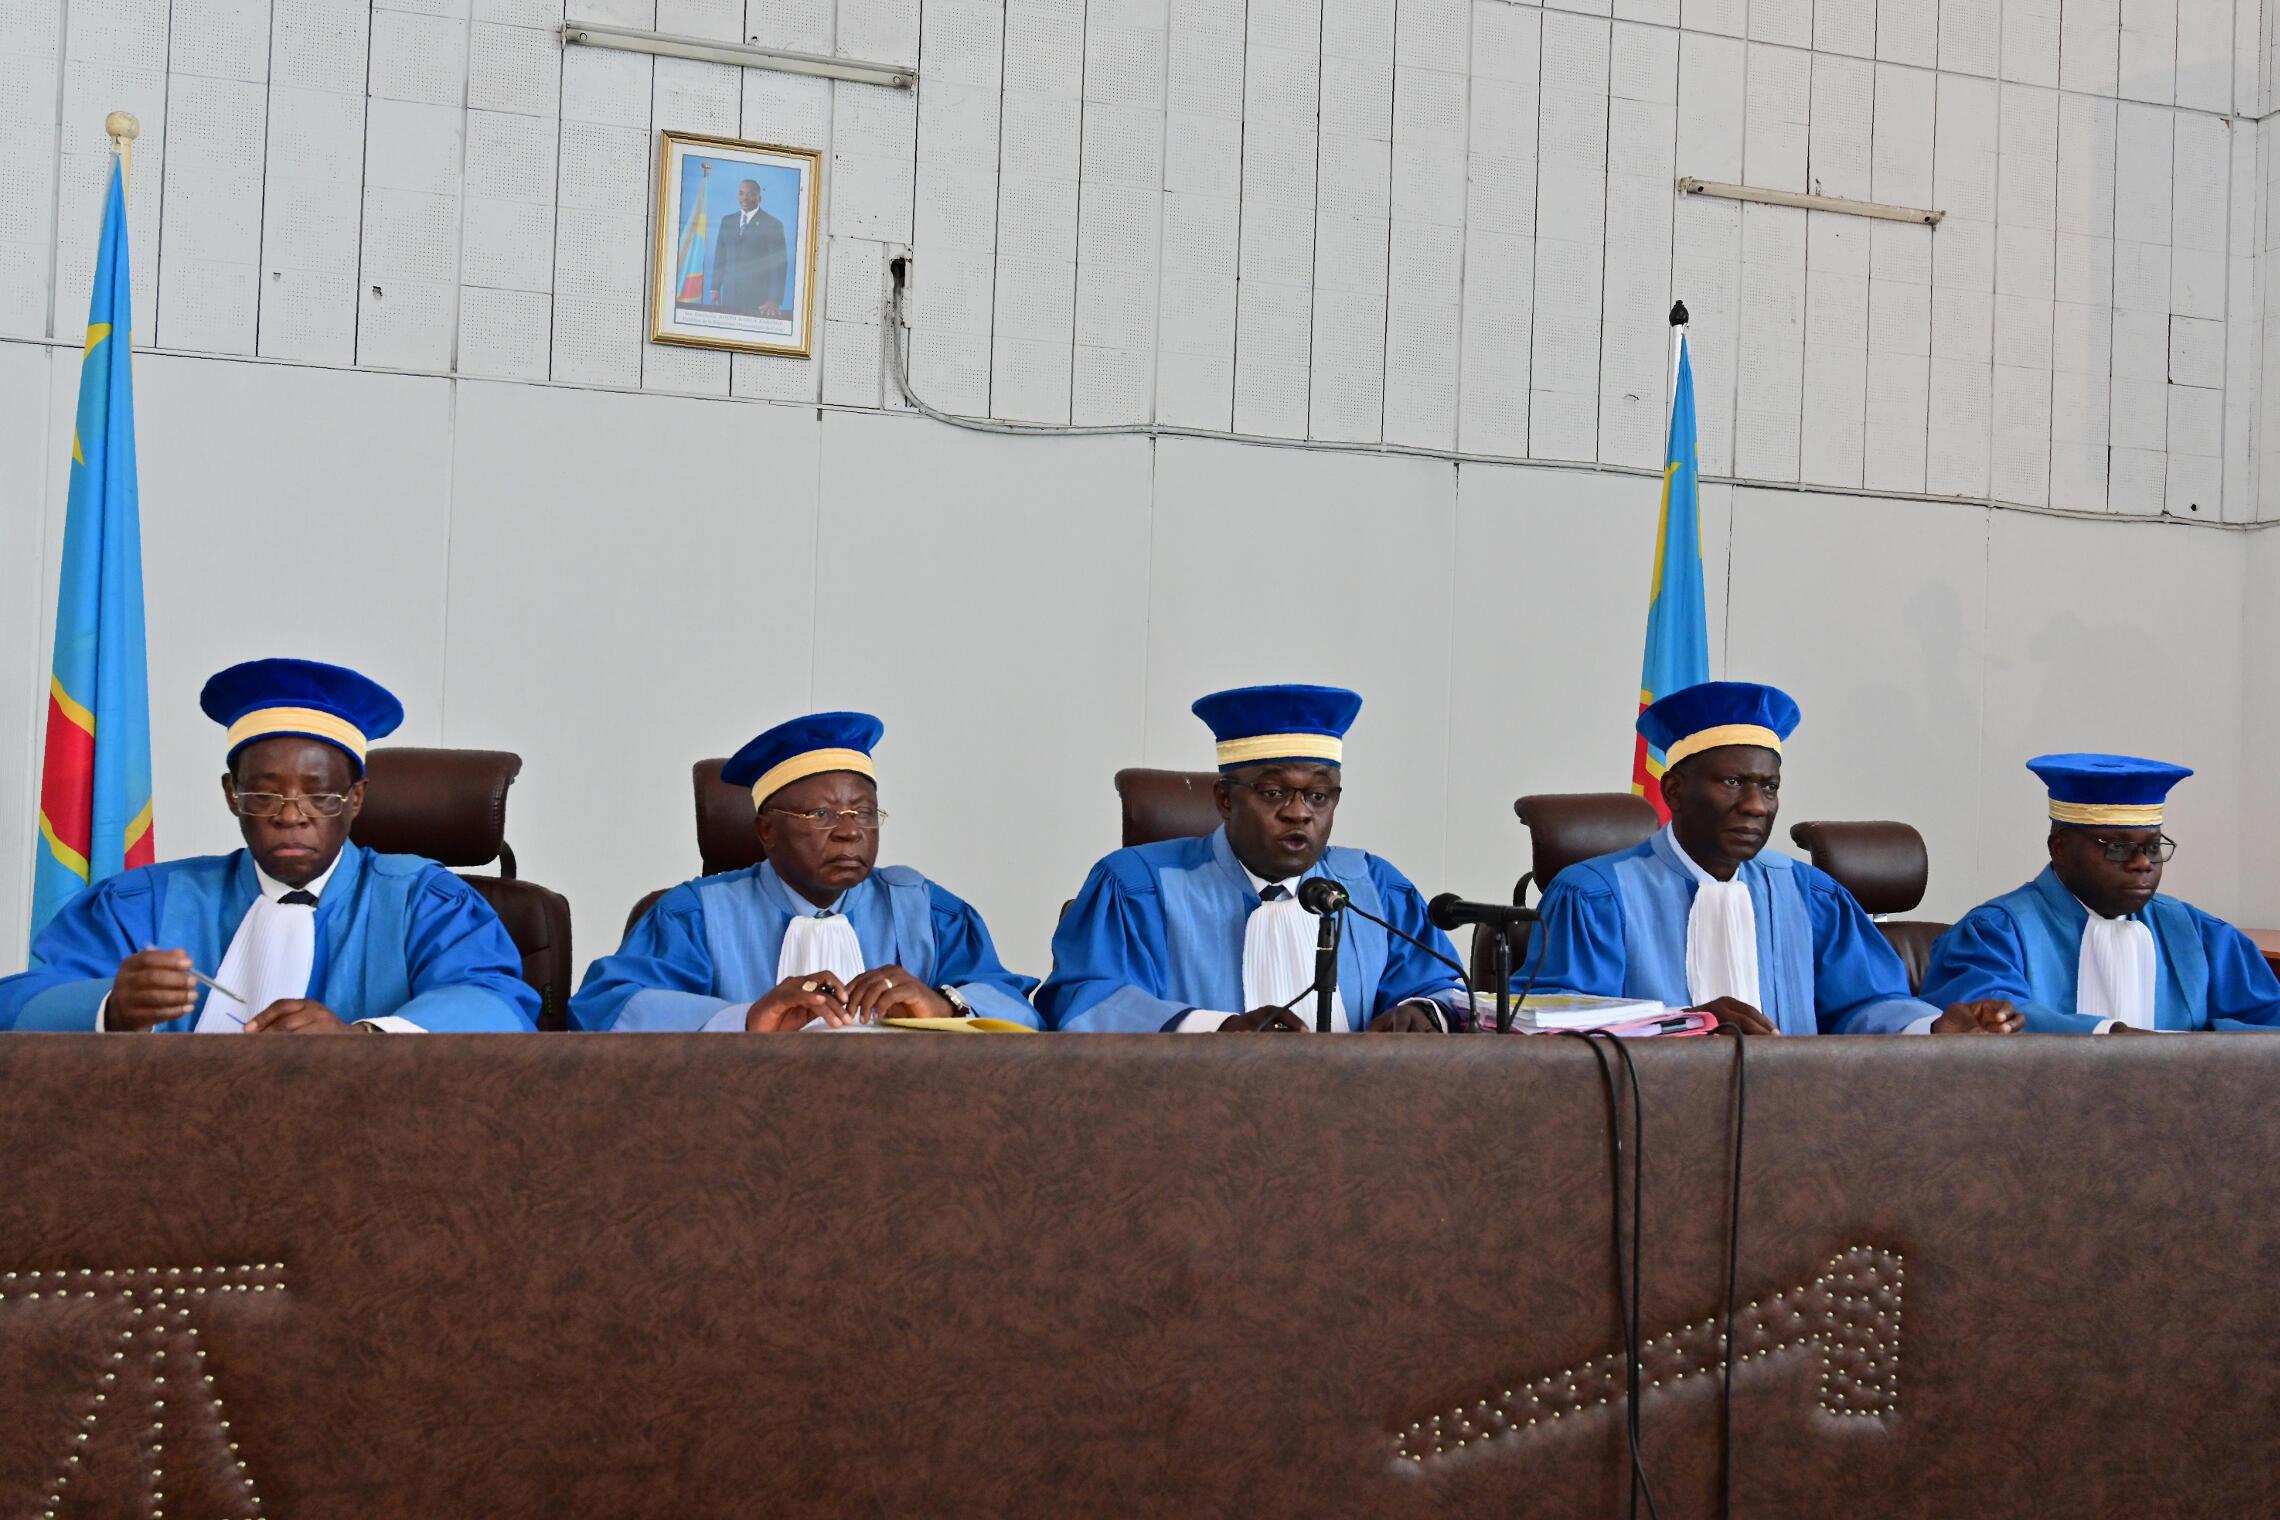 Des juges de la Cour constitutionnelle congolaise lors de l'audition des avocats de Martin Fayulu, mardi 15 janvier 2019 (image d'illustration)